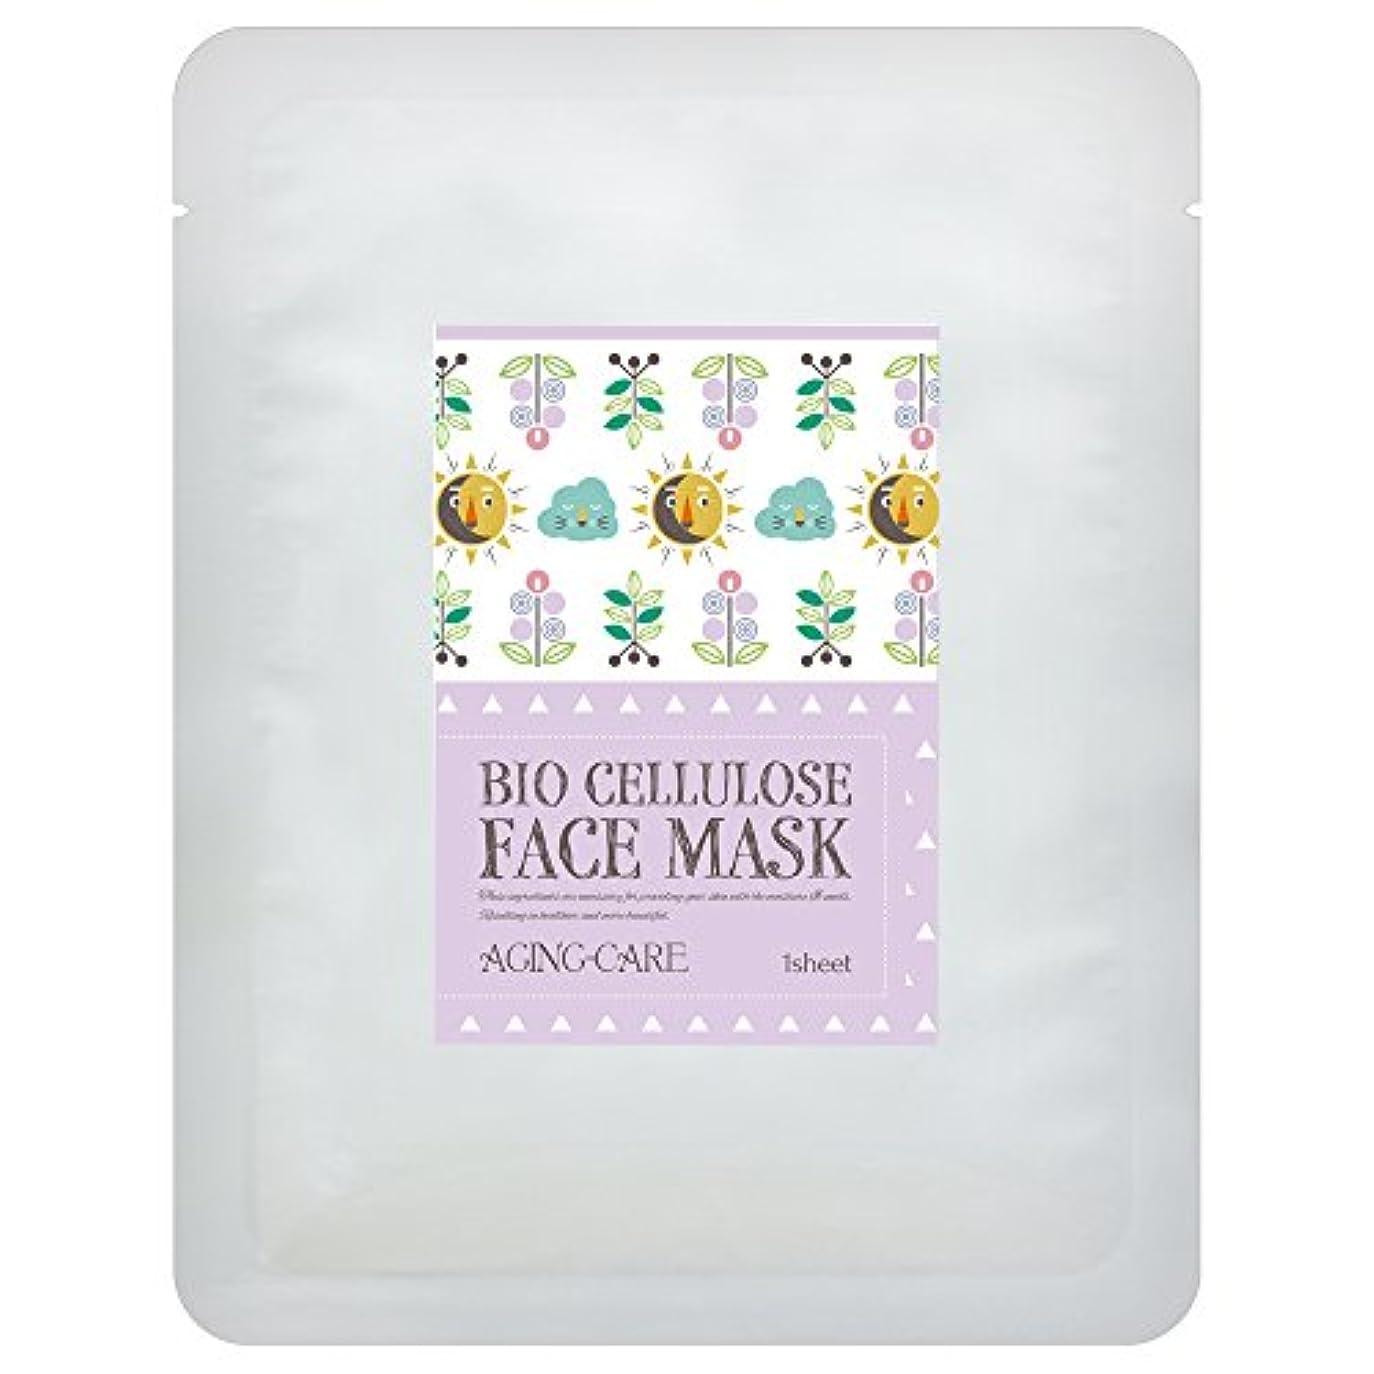 大胆無意識マイナス日本製バイオセルロース フェイスマスク ANTI-AGE(エイジングケア) 1枚